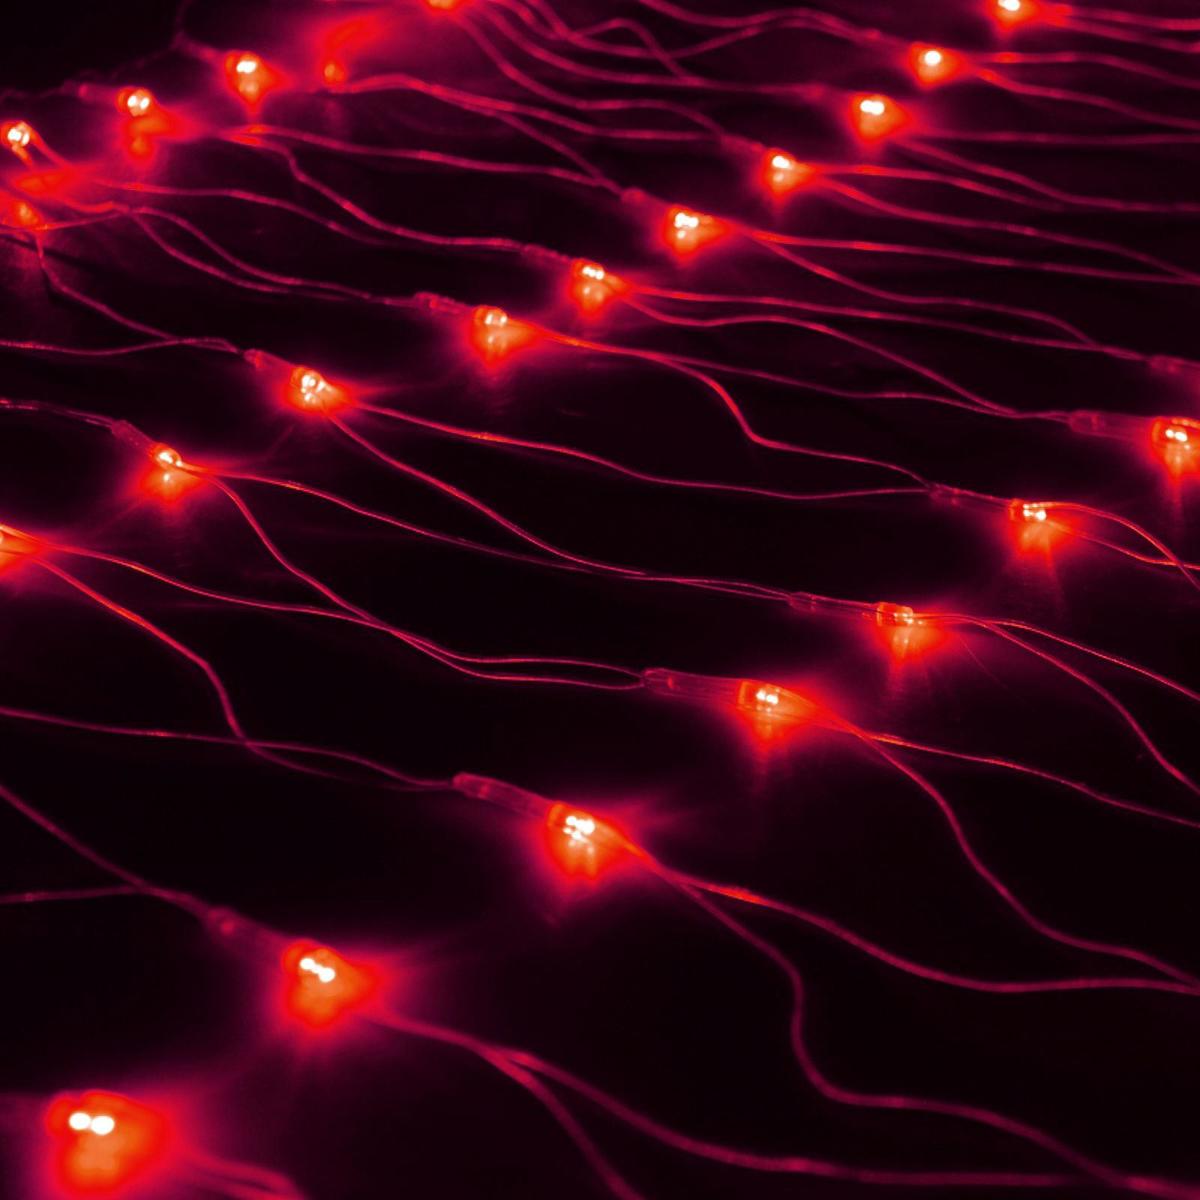 Гирлянда Luazon Сетка, длина 0,7 м, LED 96 ламп, 220V, цвет: красный. 187196187196Светодиодные гирлянды, ленты и т.д — это отличный вариант для новогоднего оформления интерьера или фасада. С их помощью помещение любого размера можно превратить в праздничный зал, а внешние элементы зданий, украшенные ими, мгновенно станут напоминать очертания сказочного дворца. Такие украшения создают ауру предвкушения чуда. Деревья, фасады, витрины, окна и арки будто специально созданы, чтобы вы украсили их светящимися нитями.